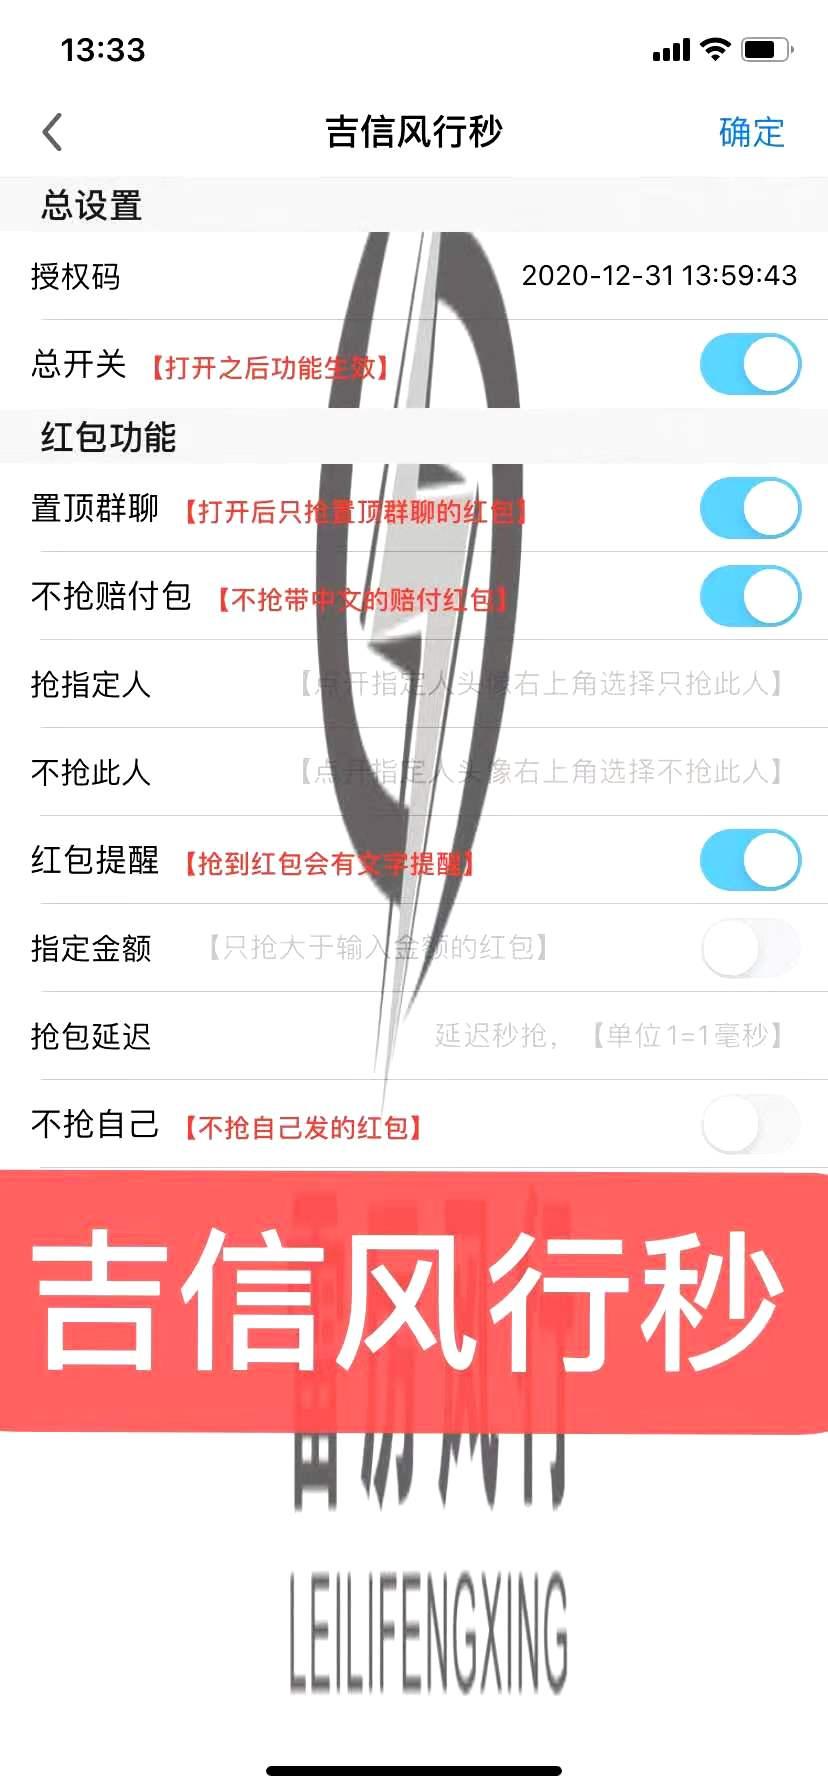 【吉信风行秒】苹果版 月卡授权